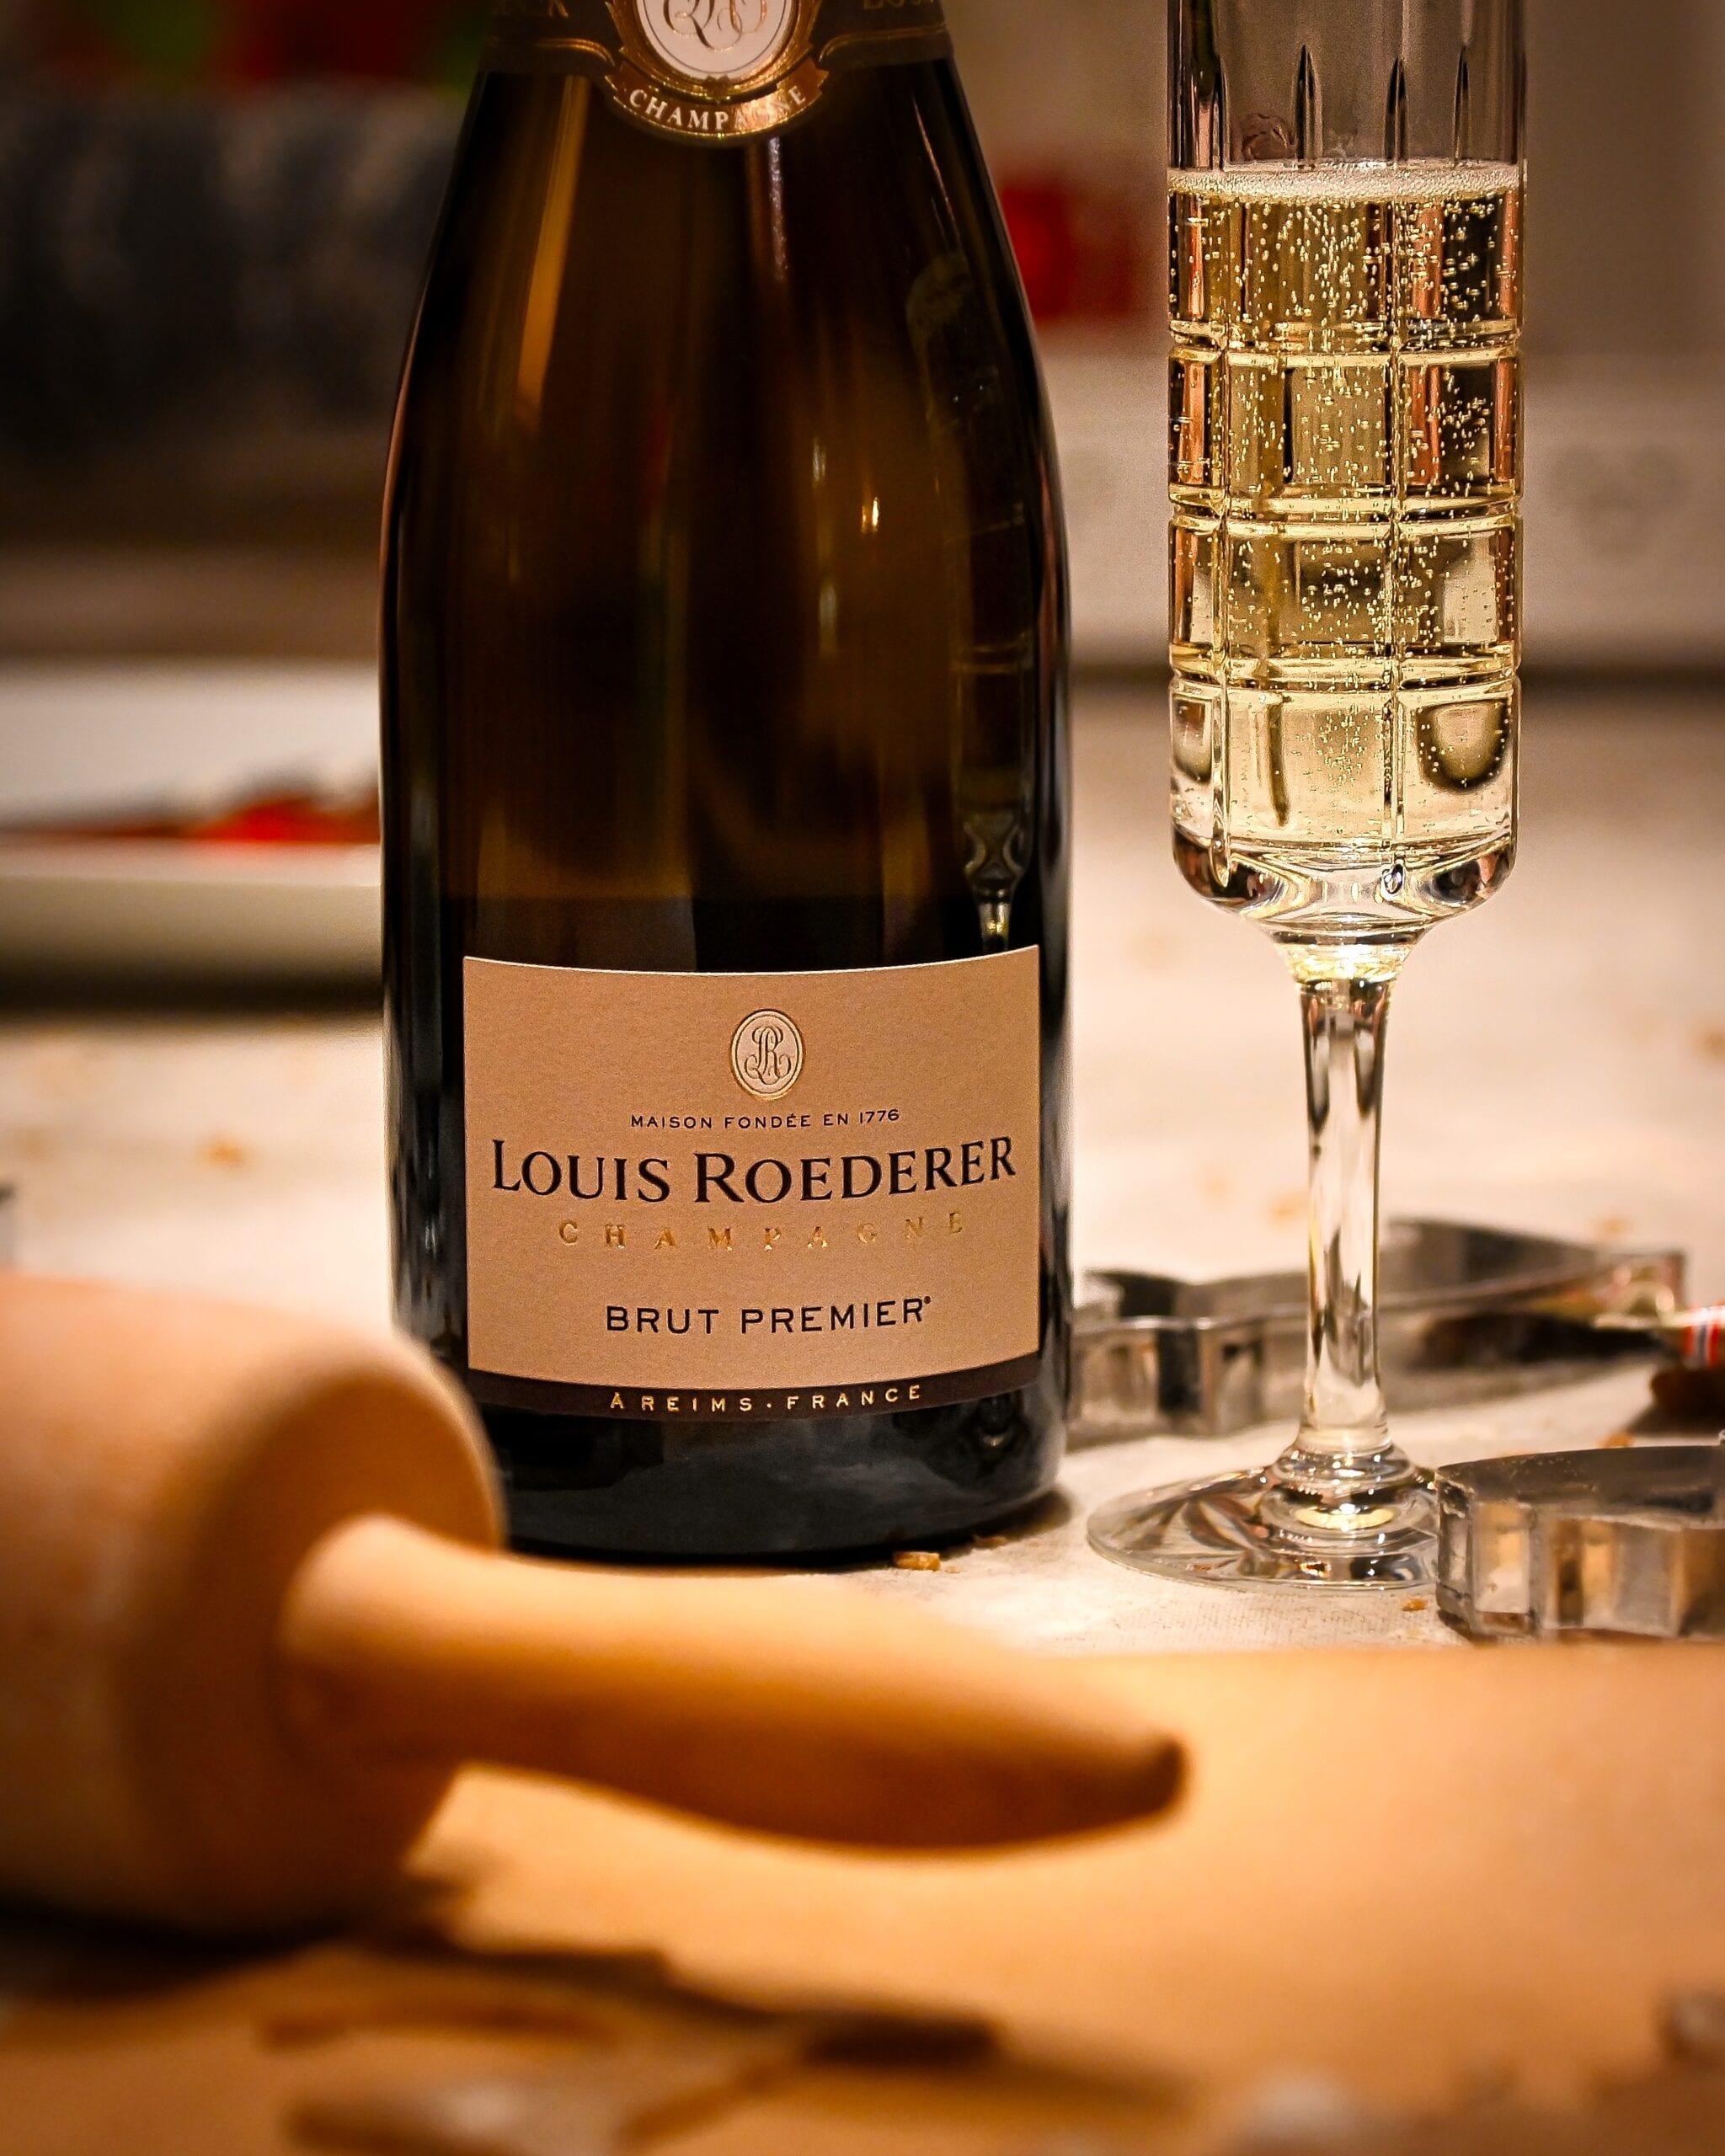 Louis Roederer Brut Premier (provad 2020)